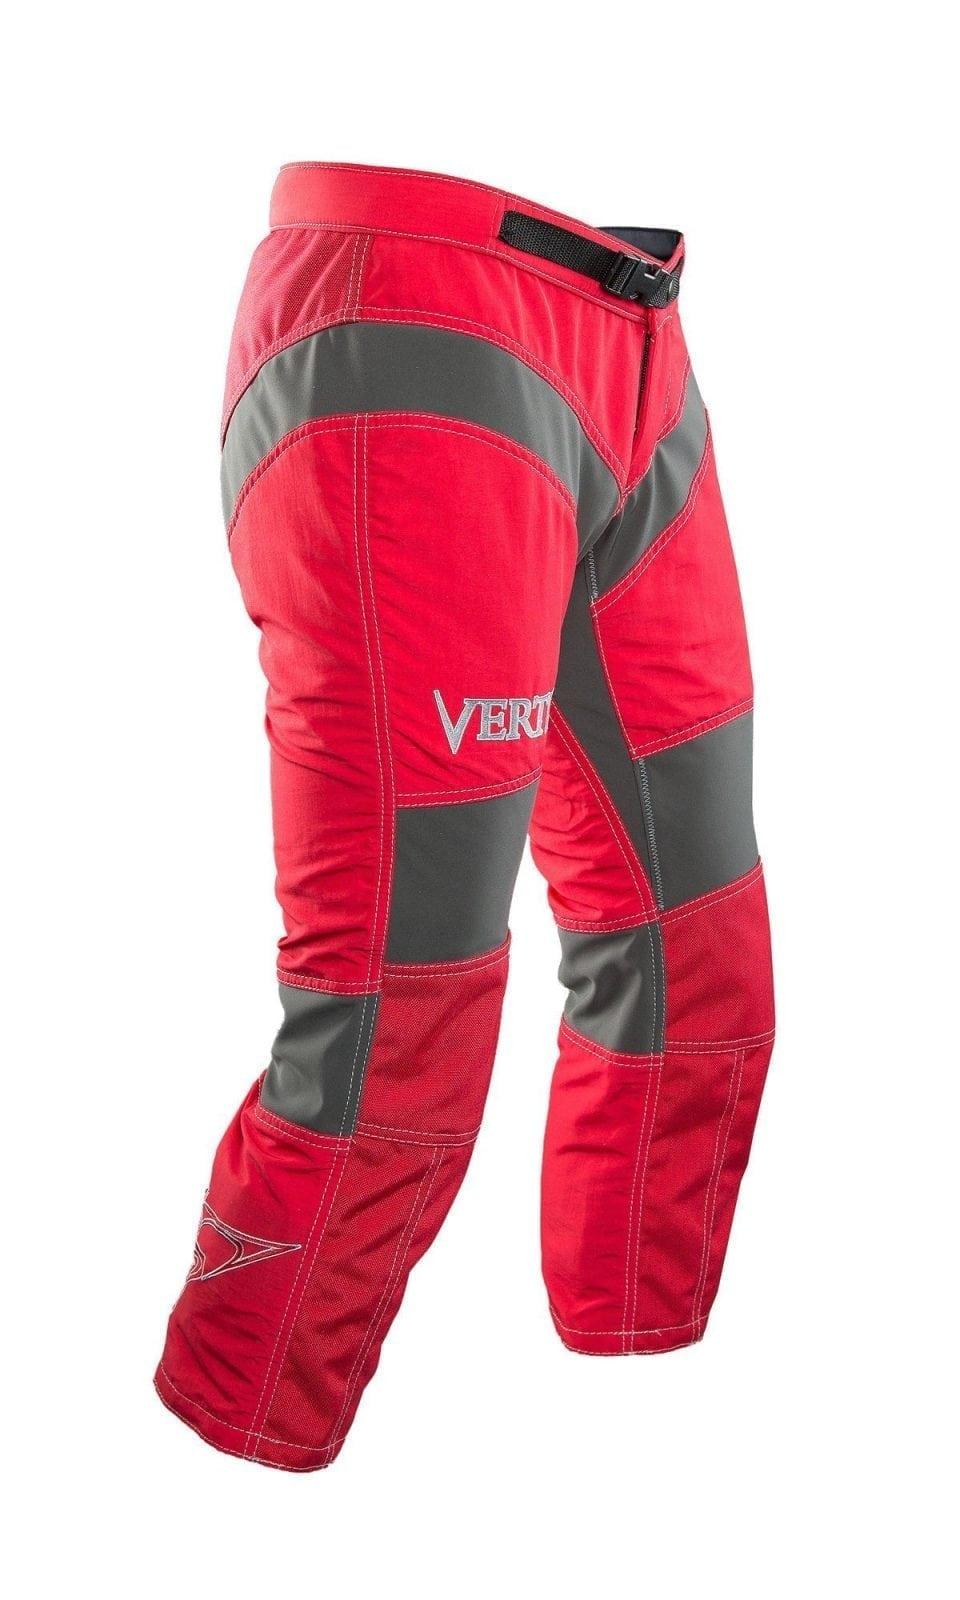 Vertical Suits - Viper Swoop Shorts